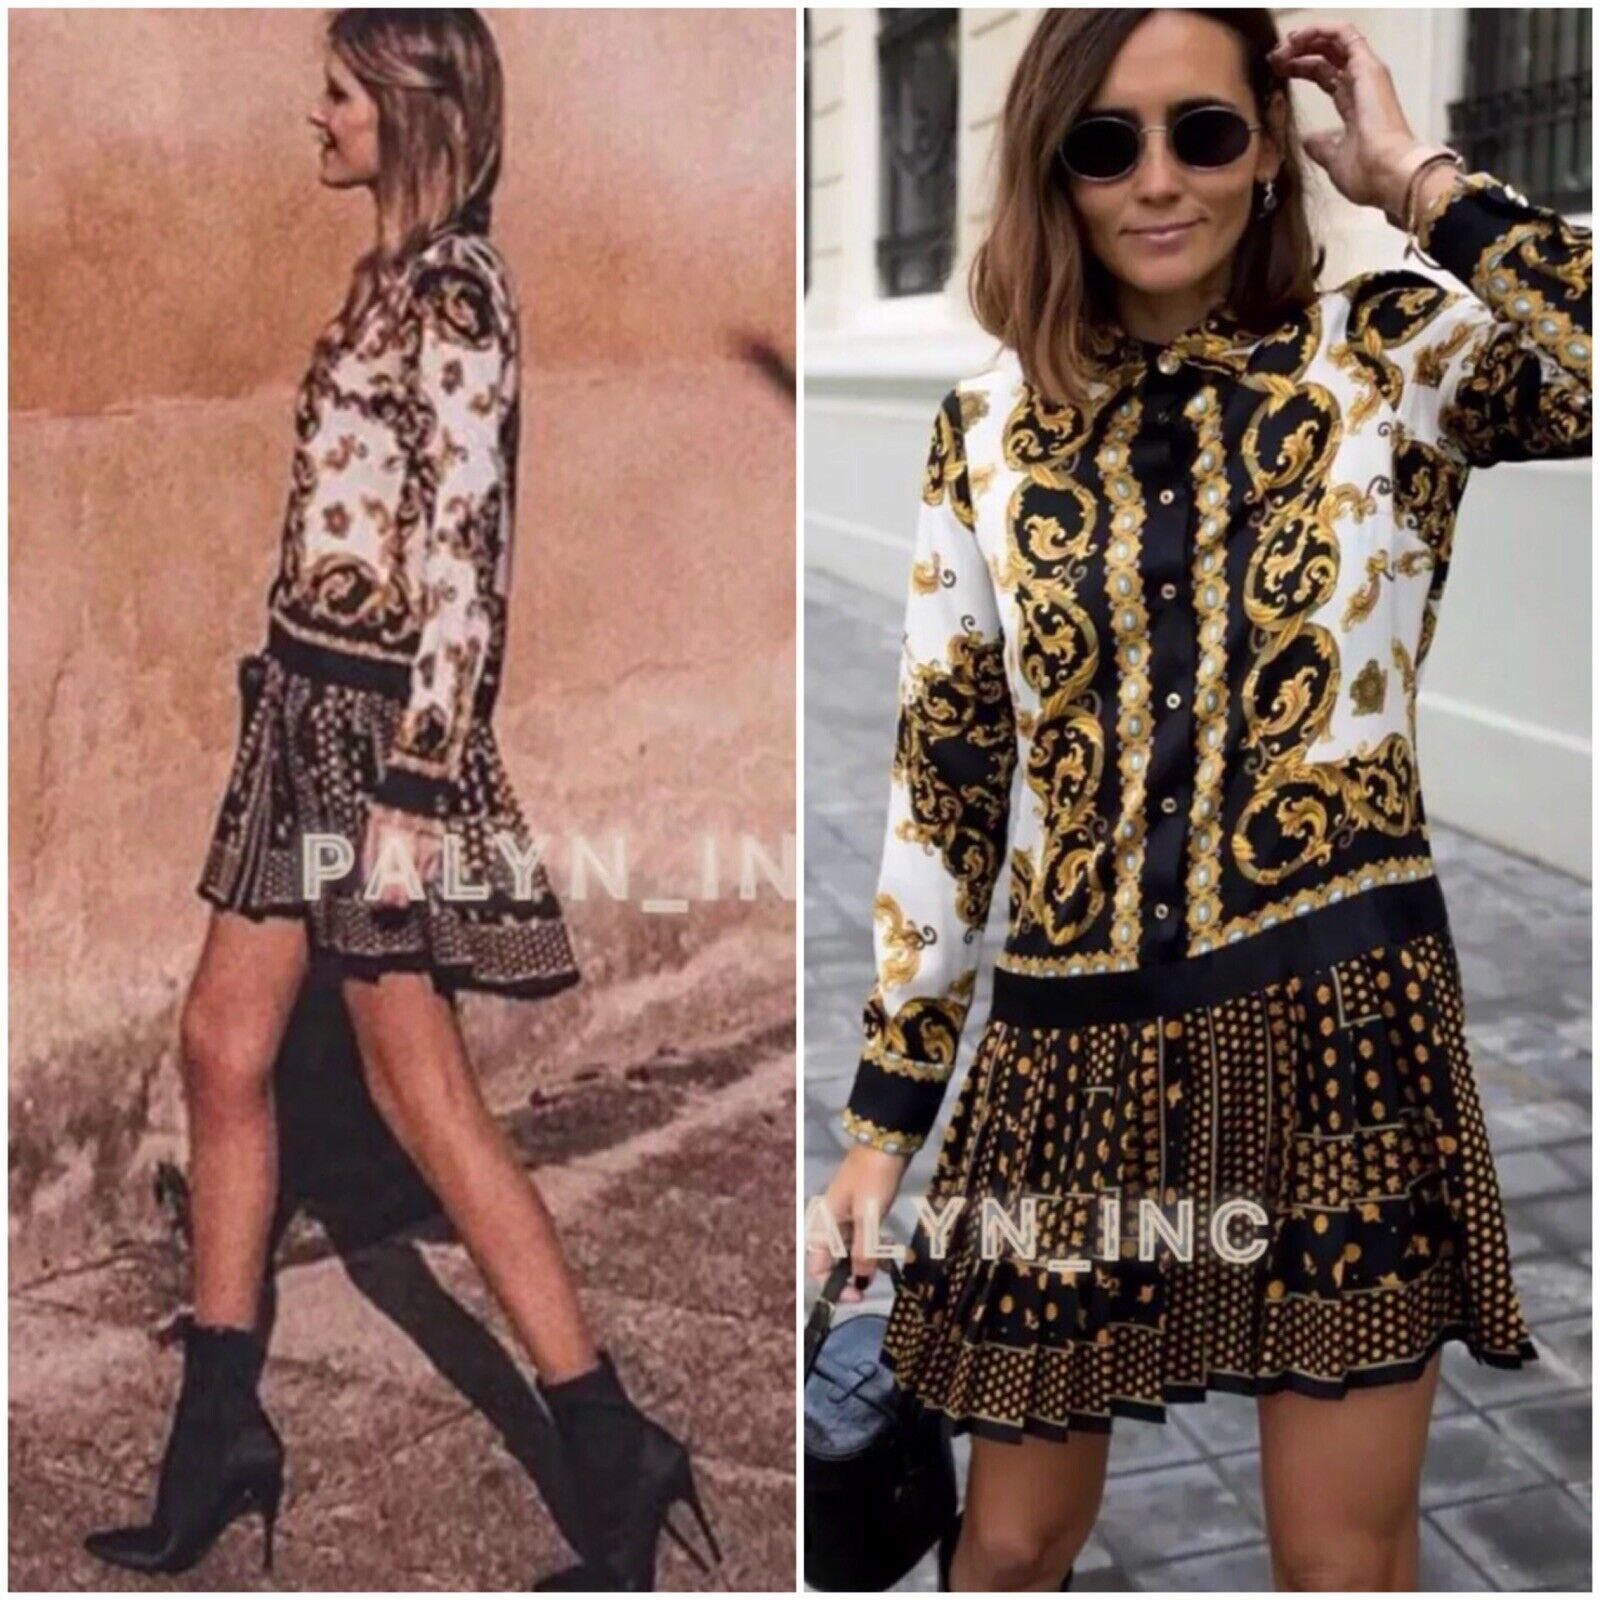 Nwt Zara Aw18 Damen Hemdskragen Bedruckt Kleid mit Faltenrock_XS-L